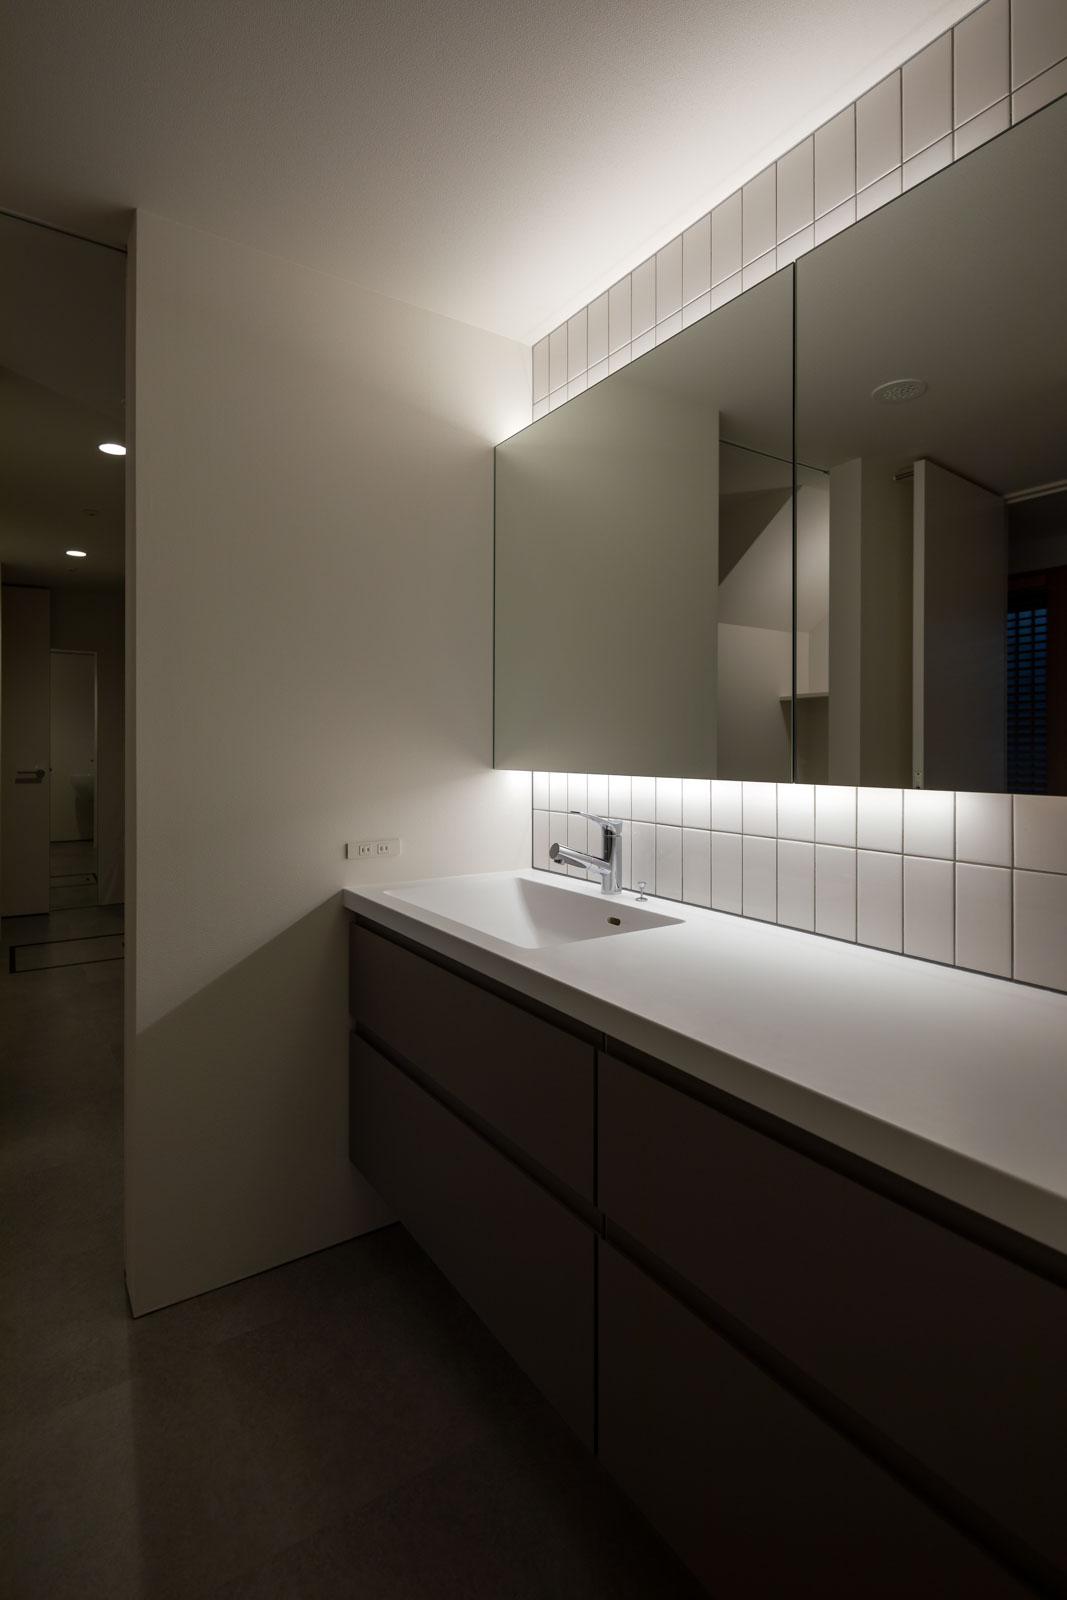 間接照明と大型ミラー、タイルを用い、すっきりと仕上げた洗面台。洗面カウンターには、メンテナンスのしやすい人工大理石を採用